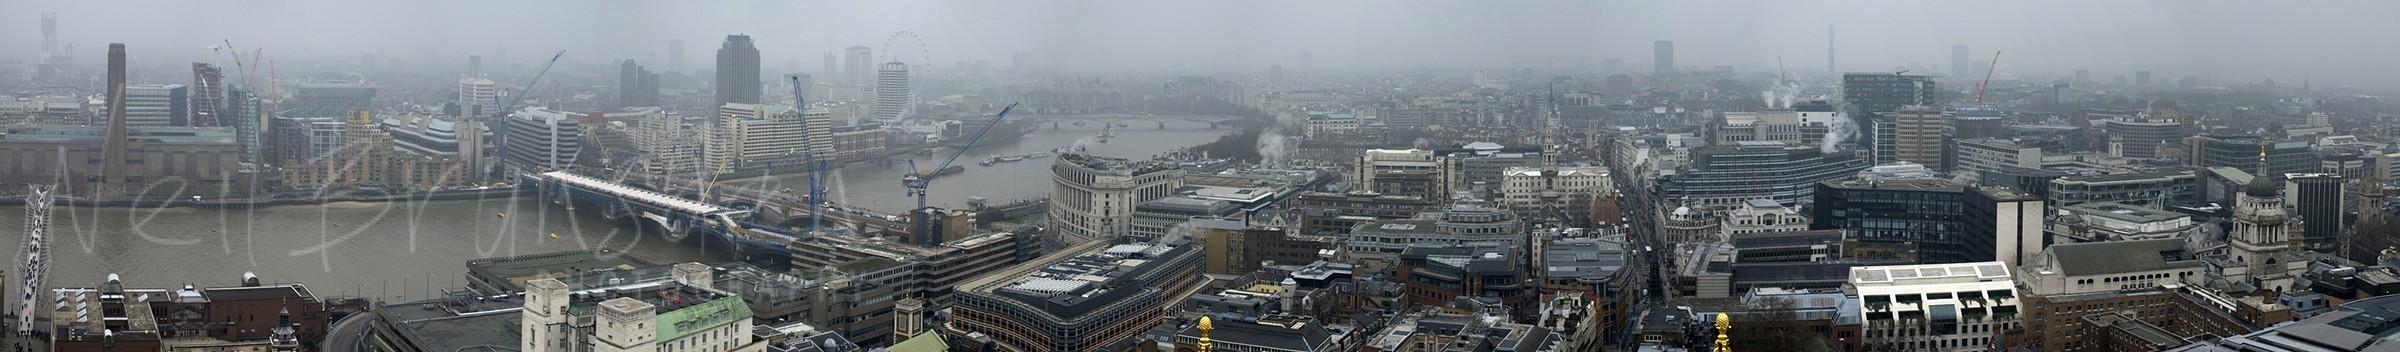 London Panorama 1